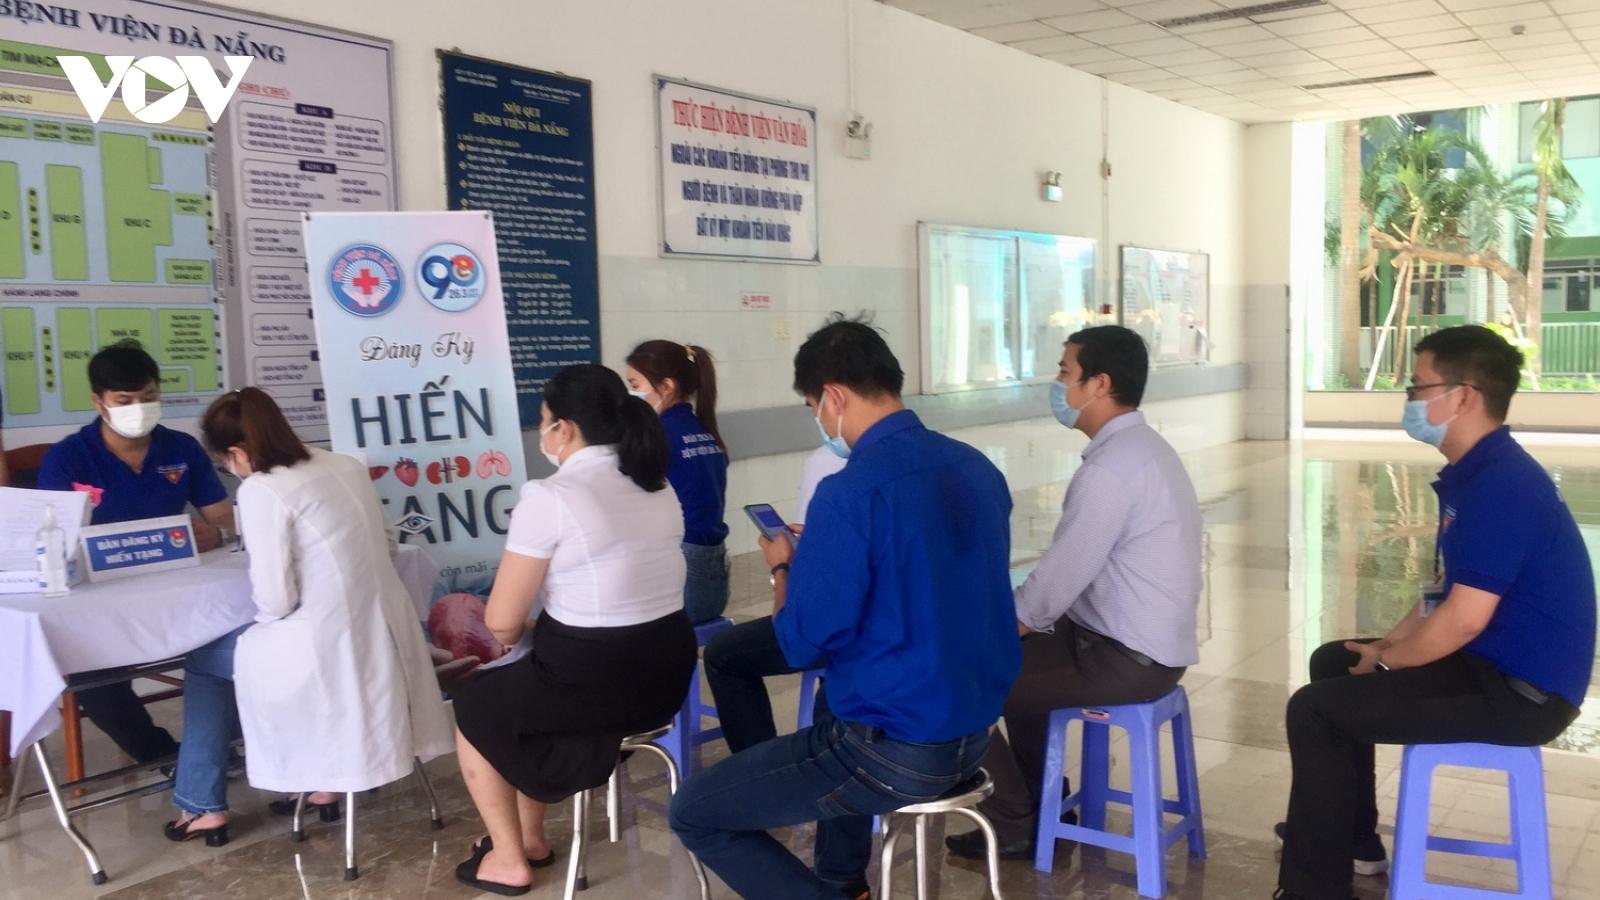 Lần đầu tiên Bệnh viện Đà Nẵng kêu gọi đăng ký hiến mô tạng